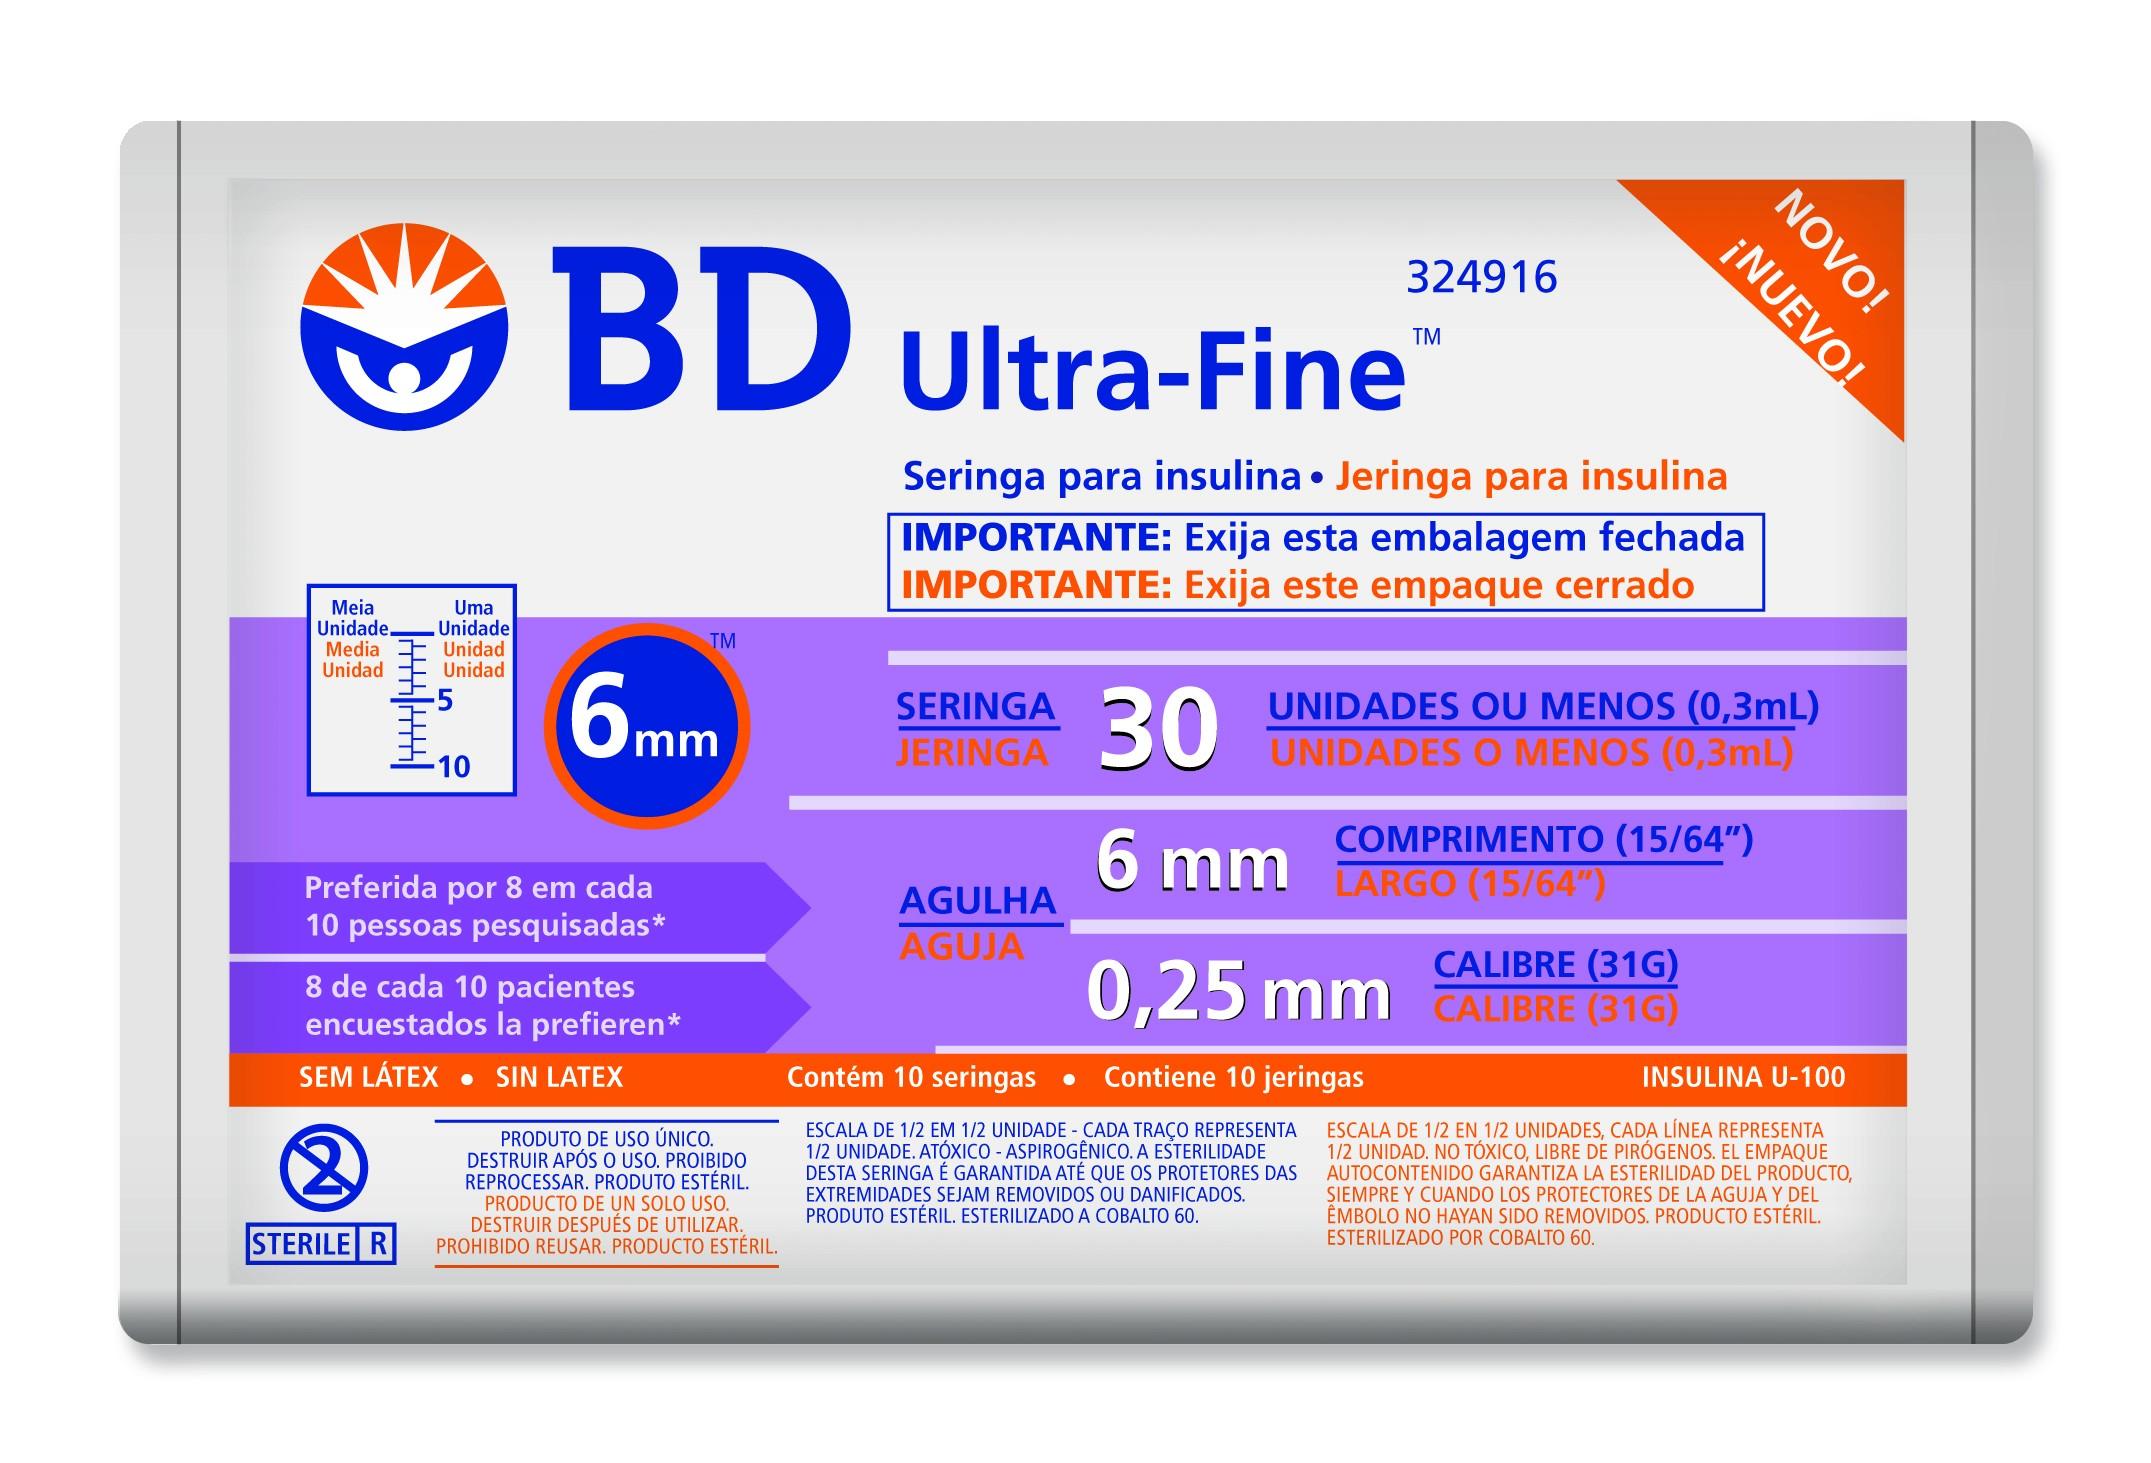 Seringa BD Ultra-Fine 30 UI com Agulha de 6mm 10 Unidades